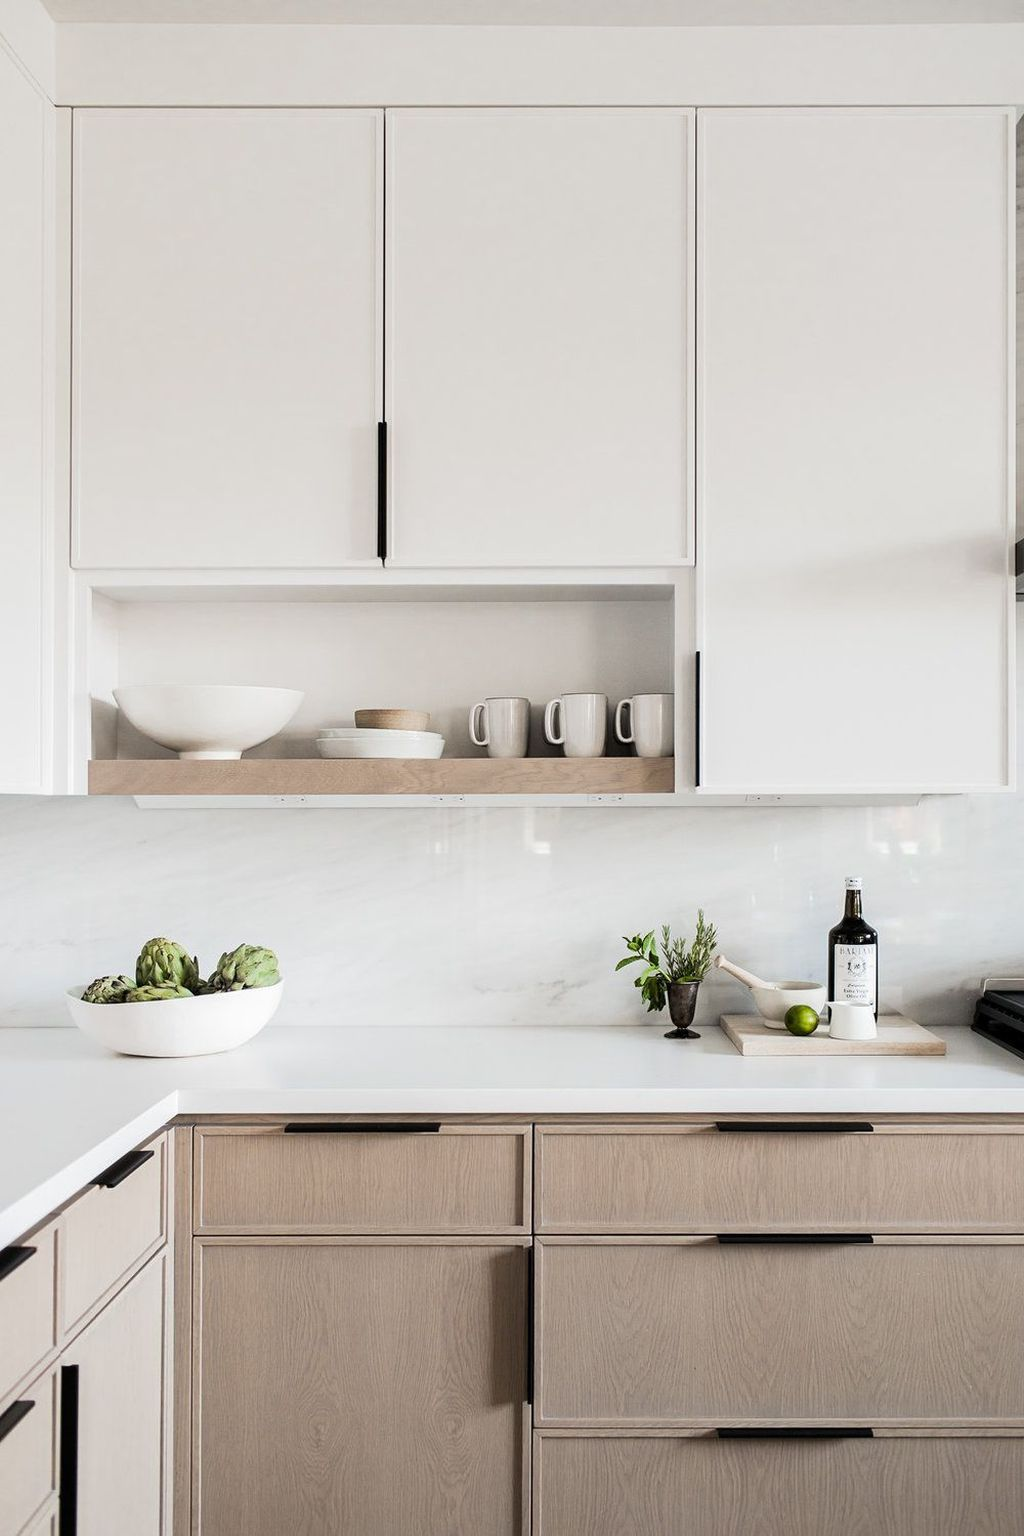 40 Totally Inspiring Apartment Kitchen Design Ideas In 2020 Minimalist Kitchen Design Home Decor Kitchen Modern Kitchen Design